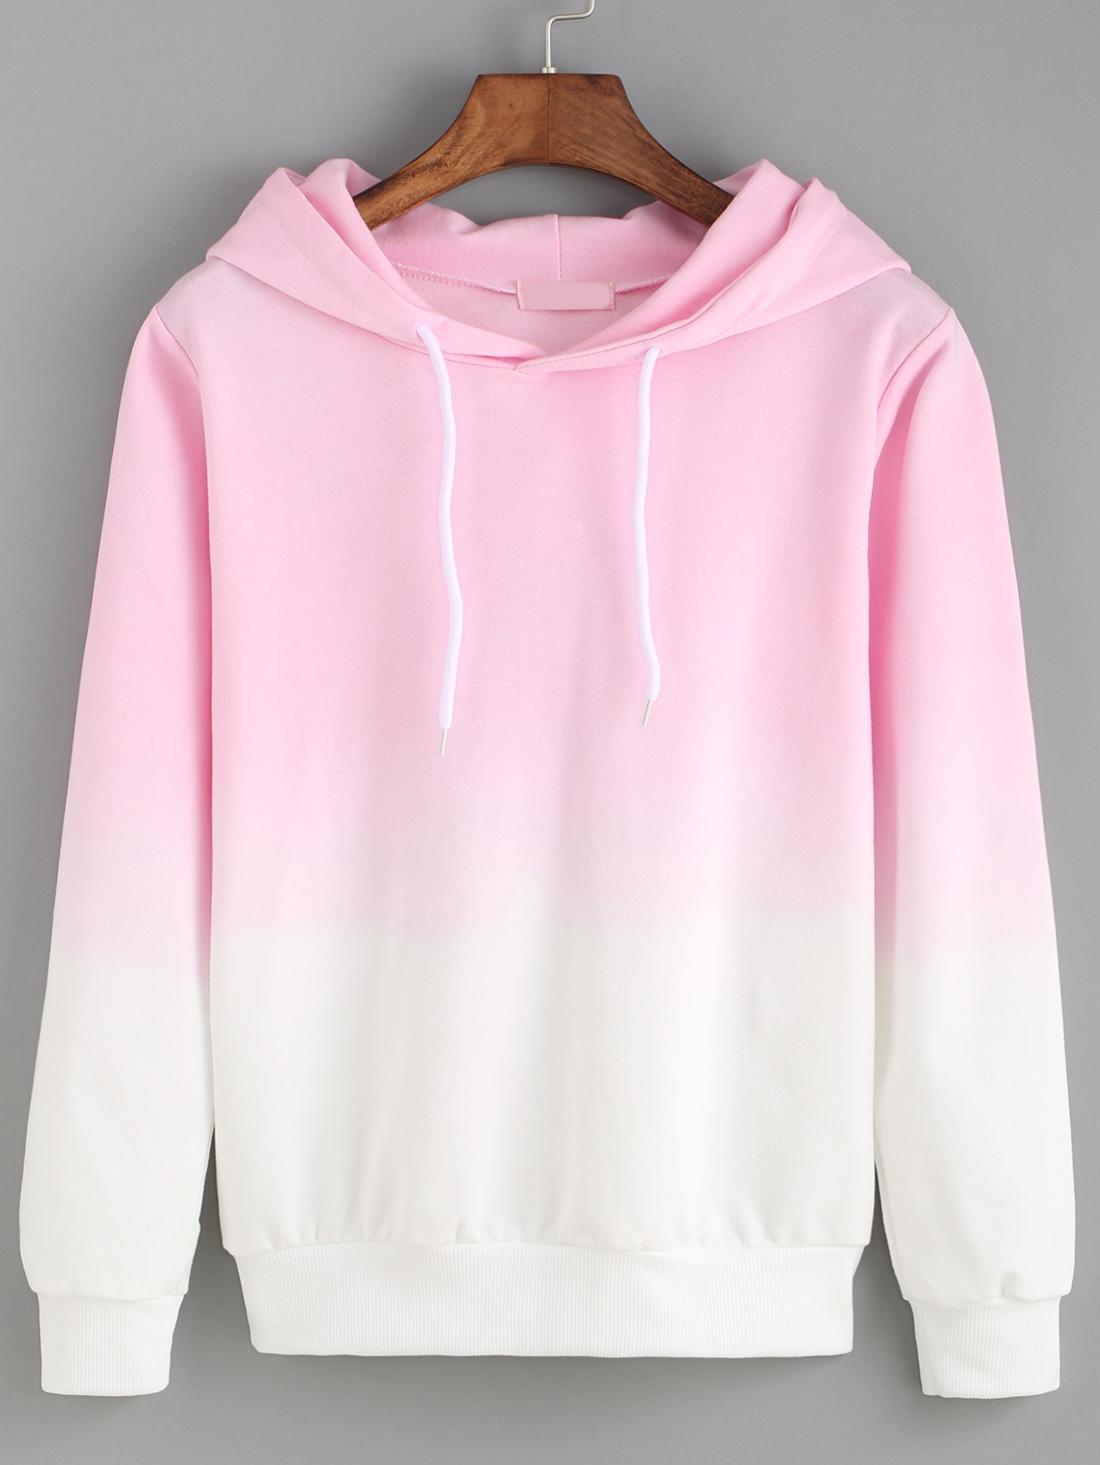 0e43749df6531 Hooded Pink Ombre Loose Sweatshirt -ROMWE